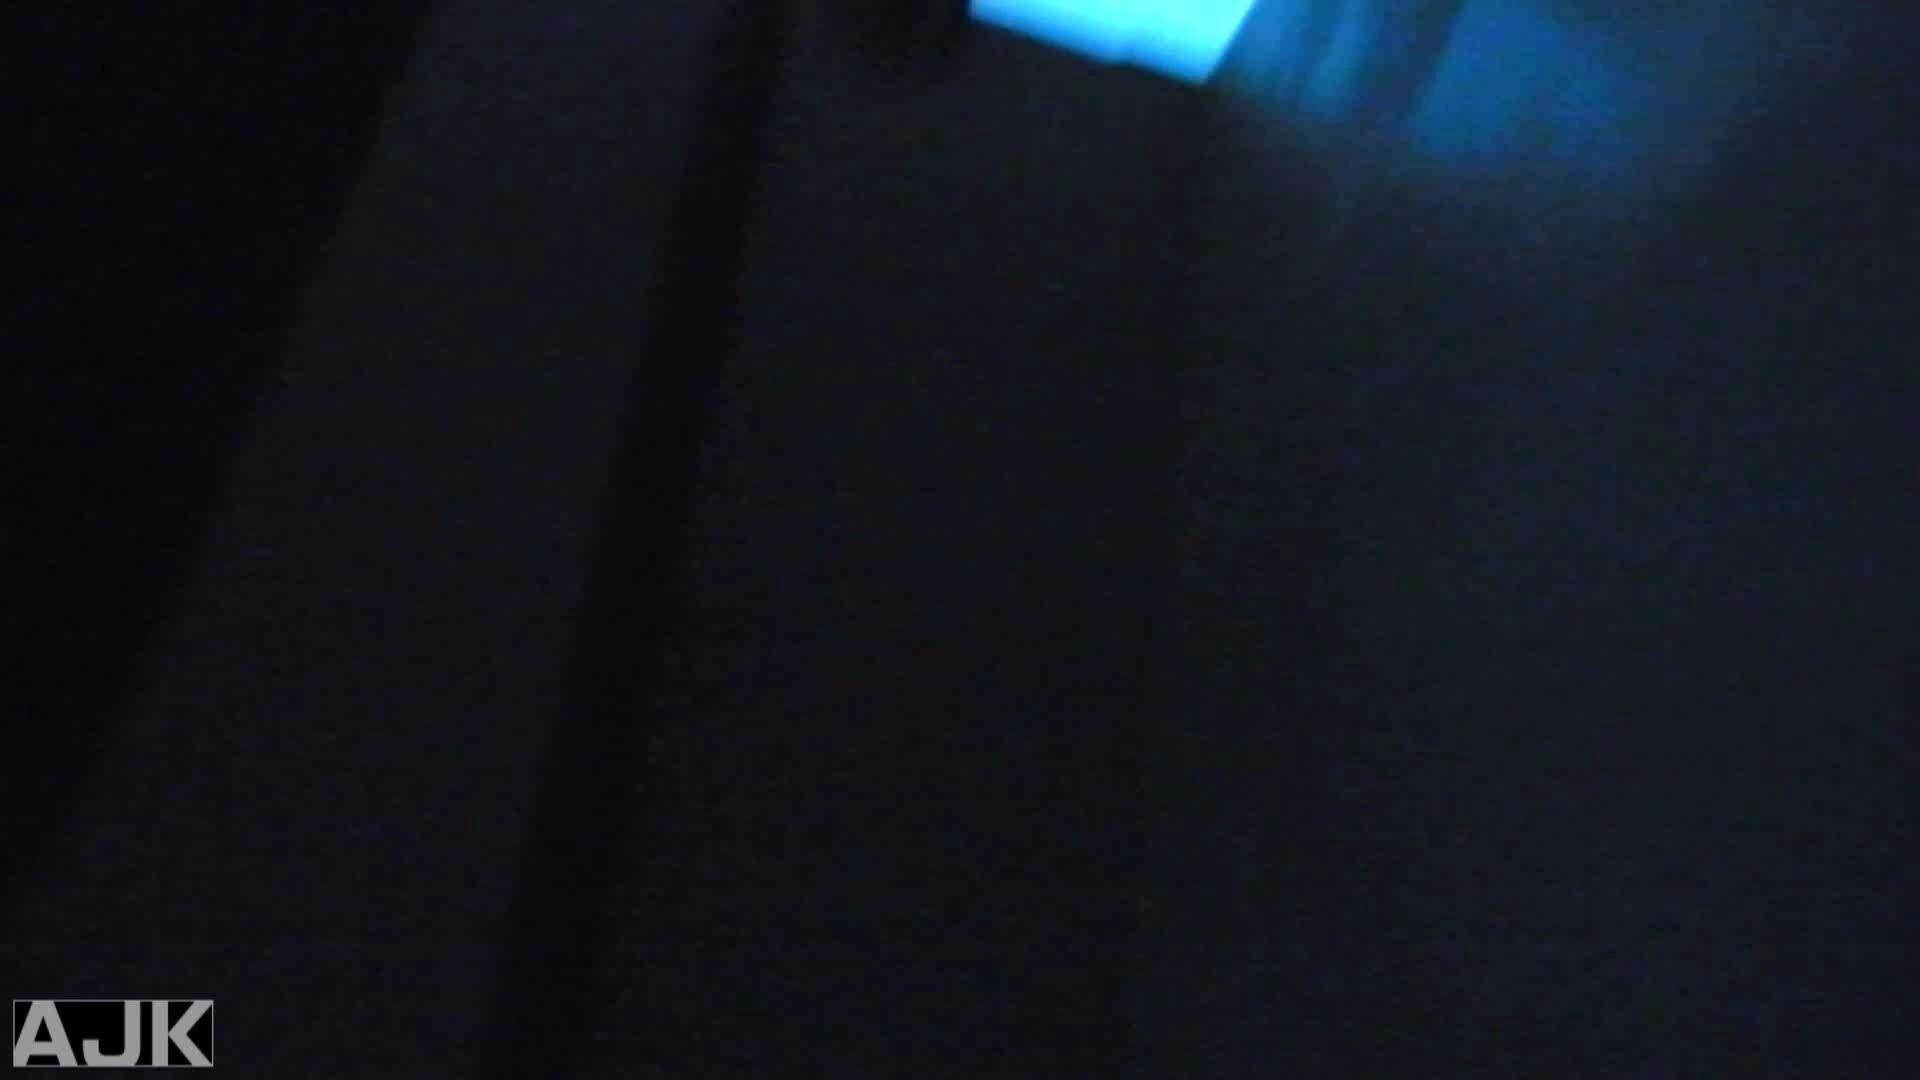 神降臨!史上最強の潜入かわや! vol.24 マンコ おまんこ無修正動画無料 87連発 4